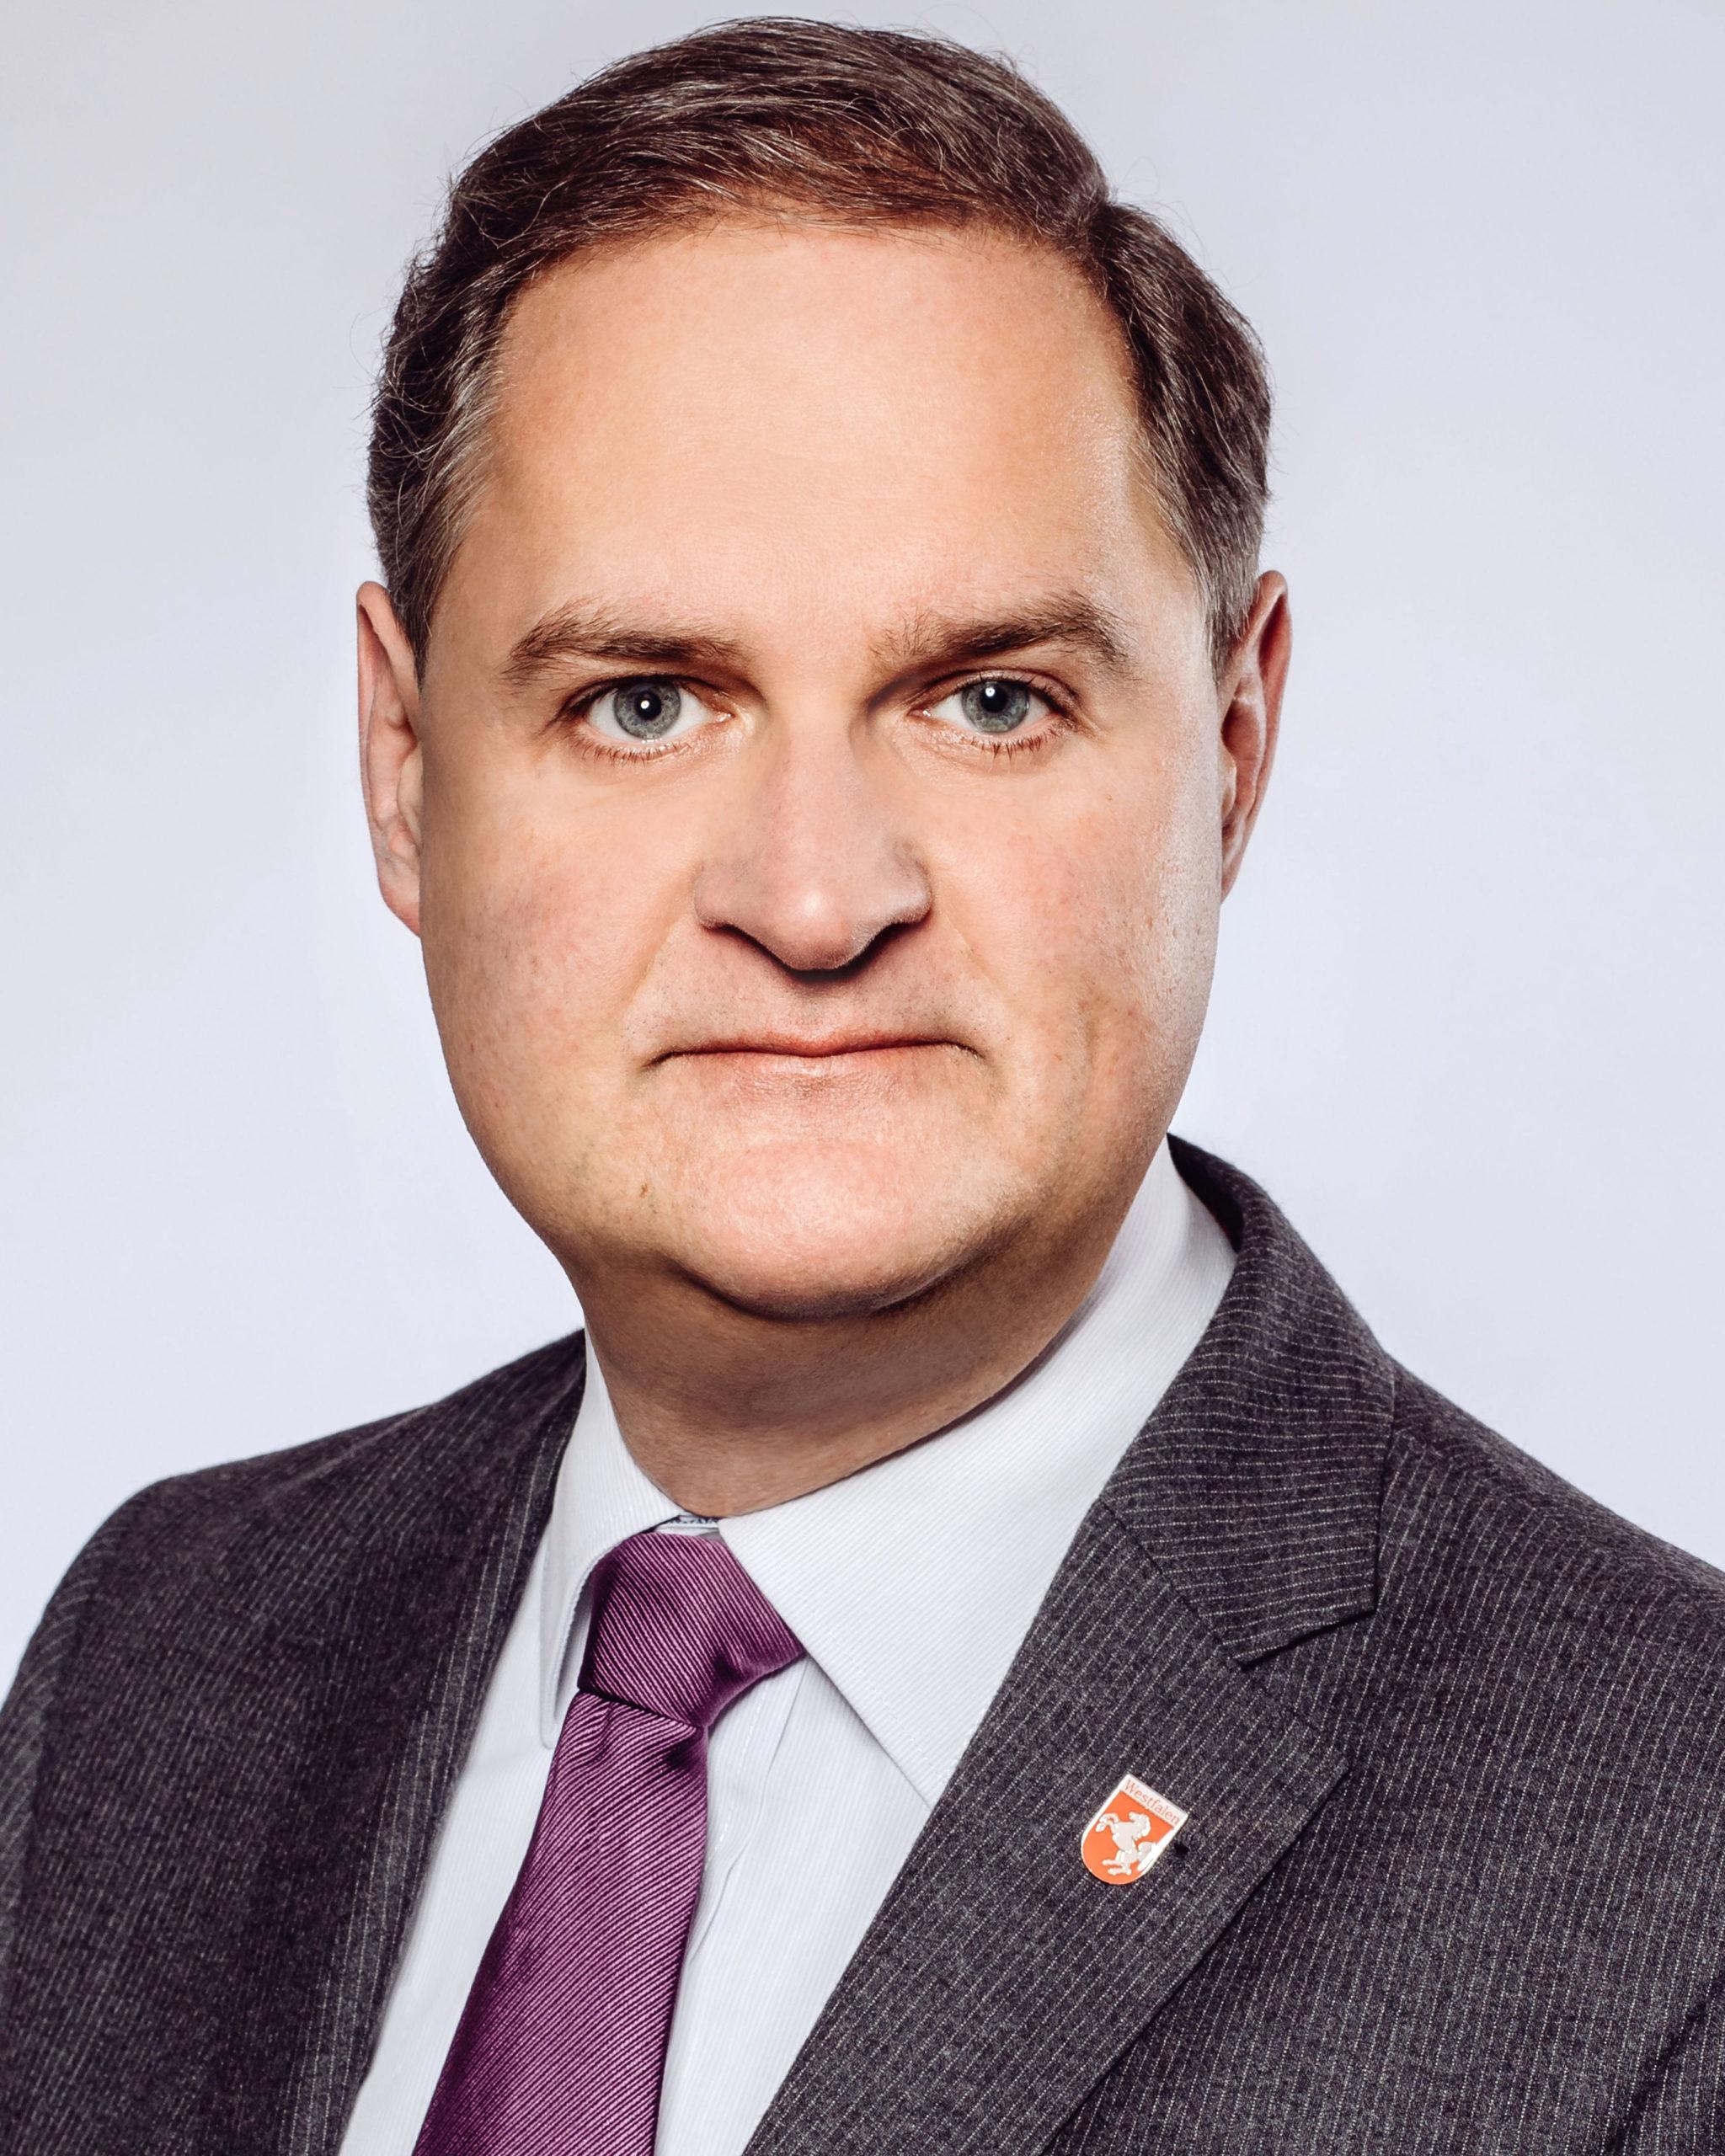 Arne Hermann Stopsack